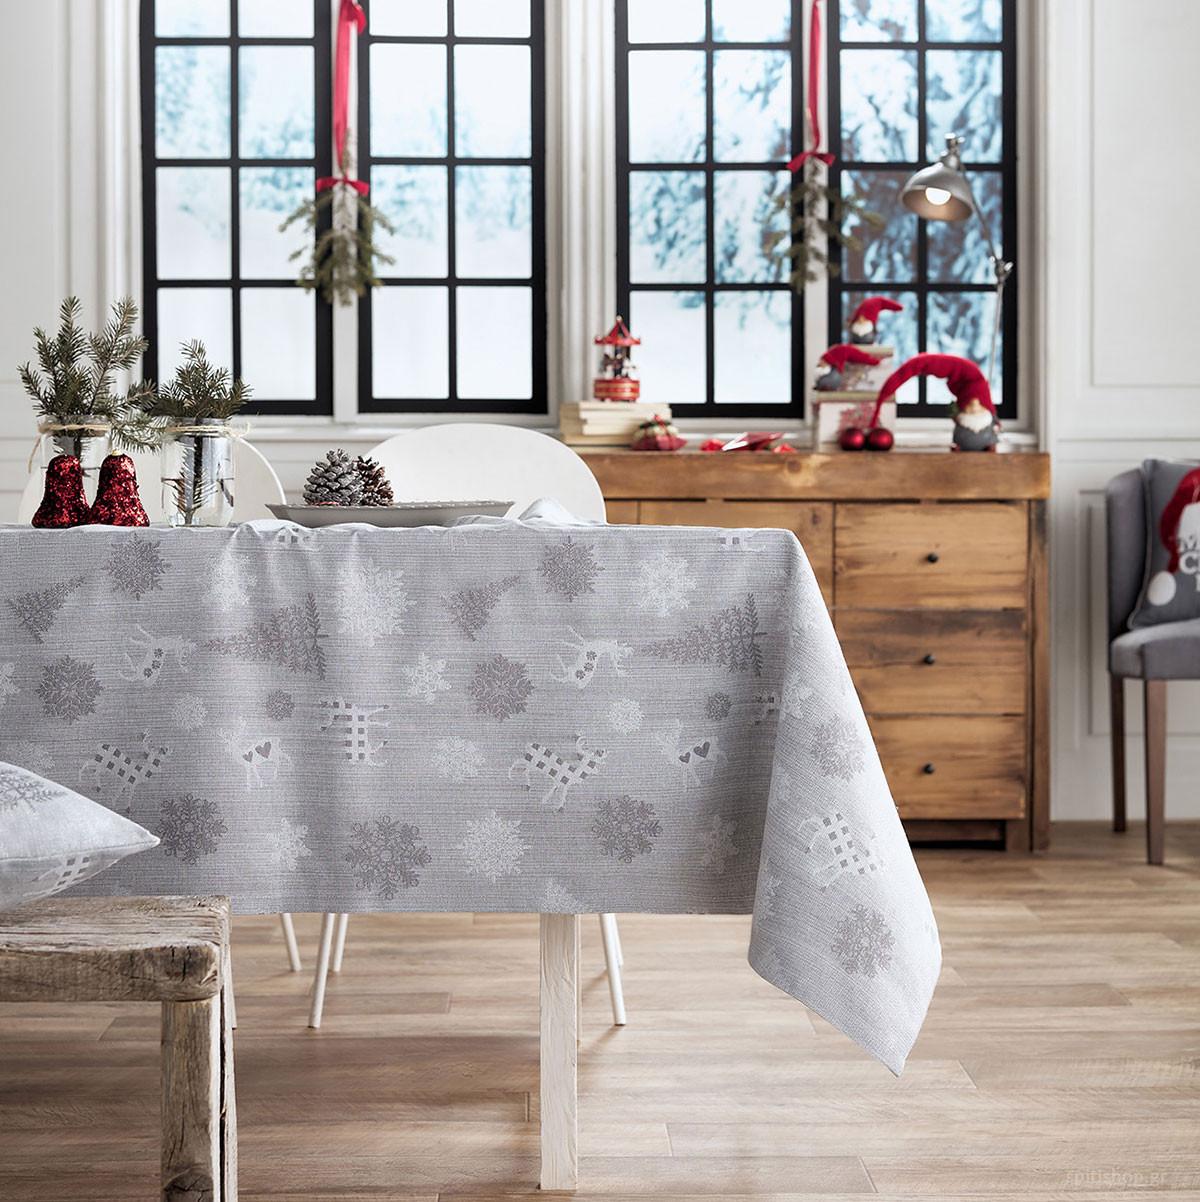 Χριστουγεννιάτικο Τραπεζομάντηλο (135×180) Gofis Home 285/15